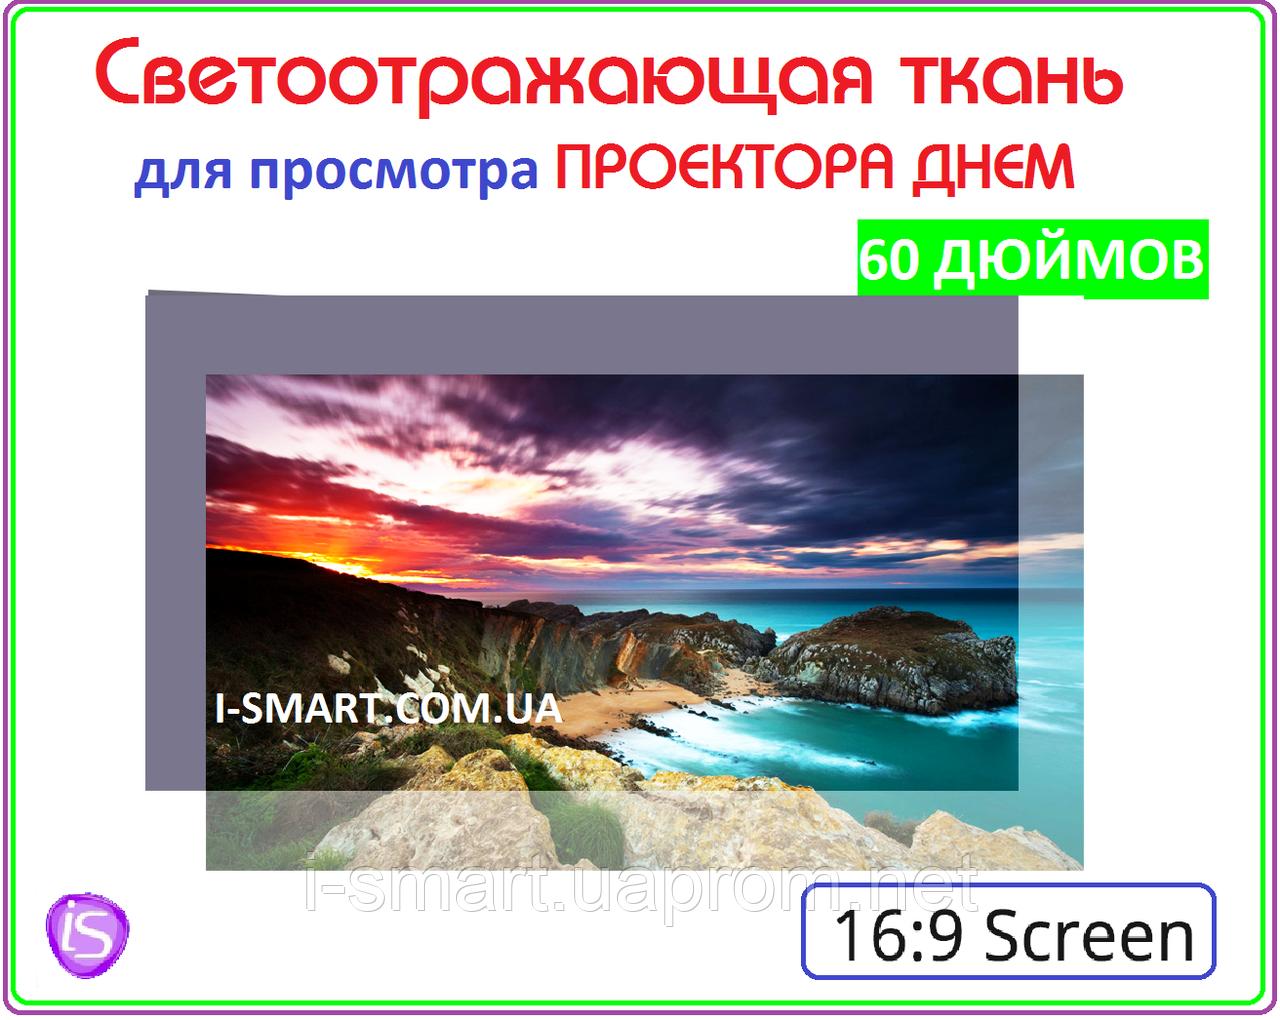 Экран для проектора светоотражающий 60 дюймов - для просмотра проектора днем